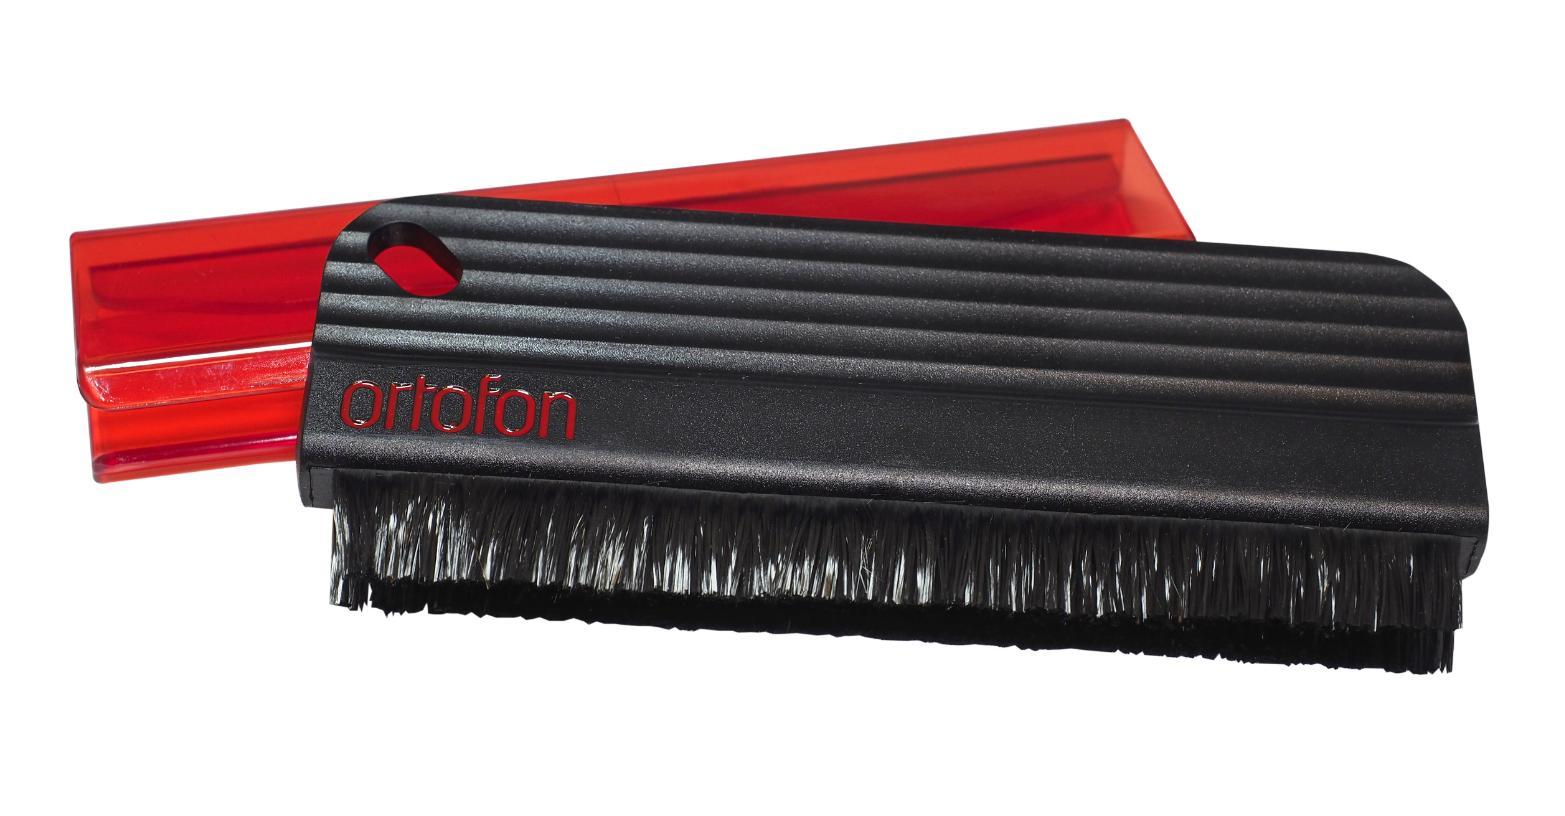 Ortofon Carbon Fiber Record Brush Red